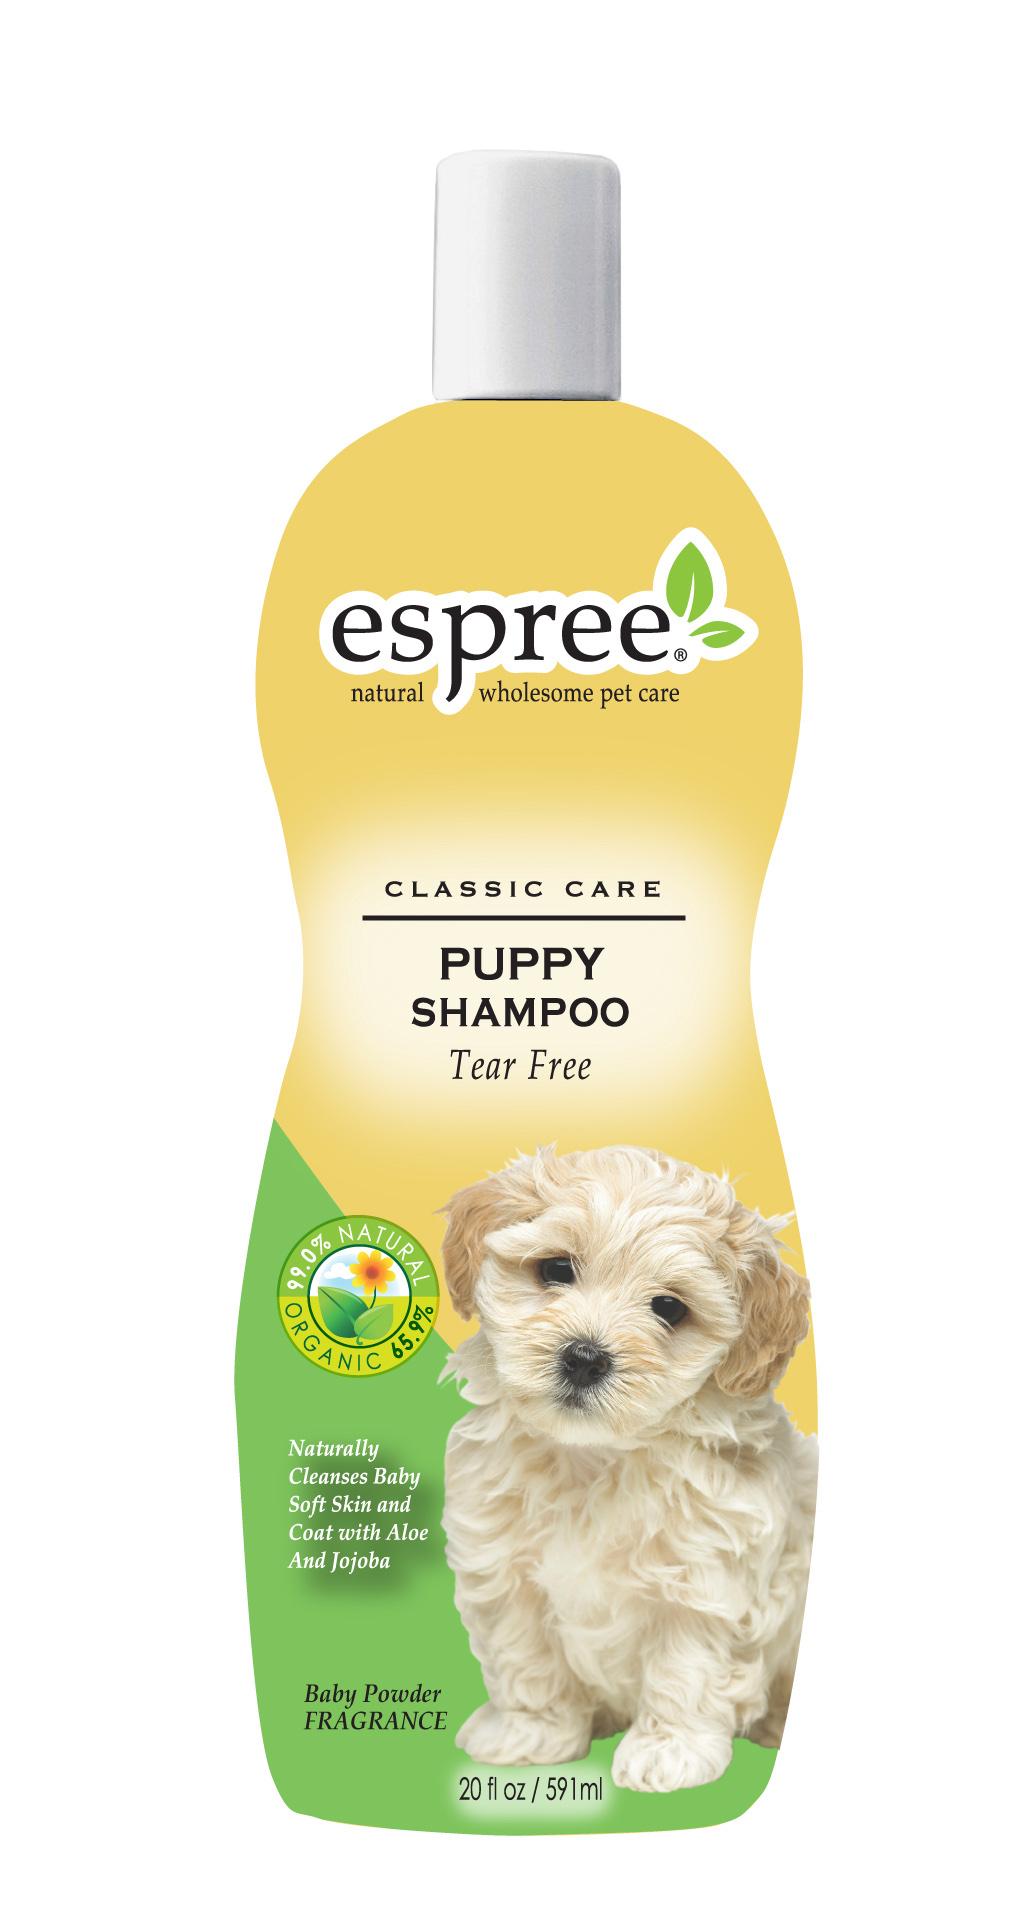 Espree Dog Shampoo Reviews